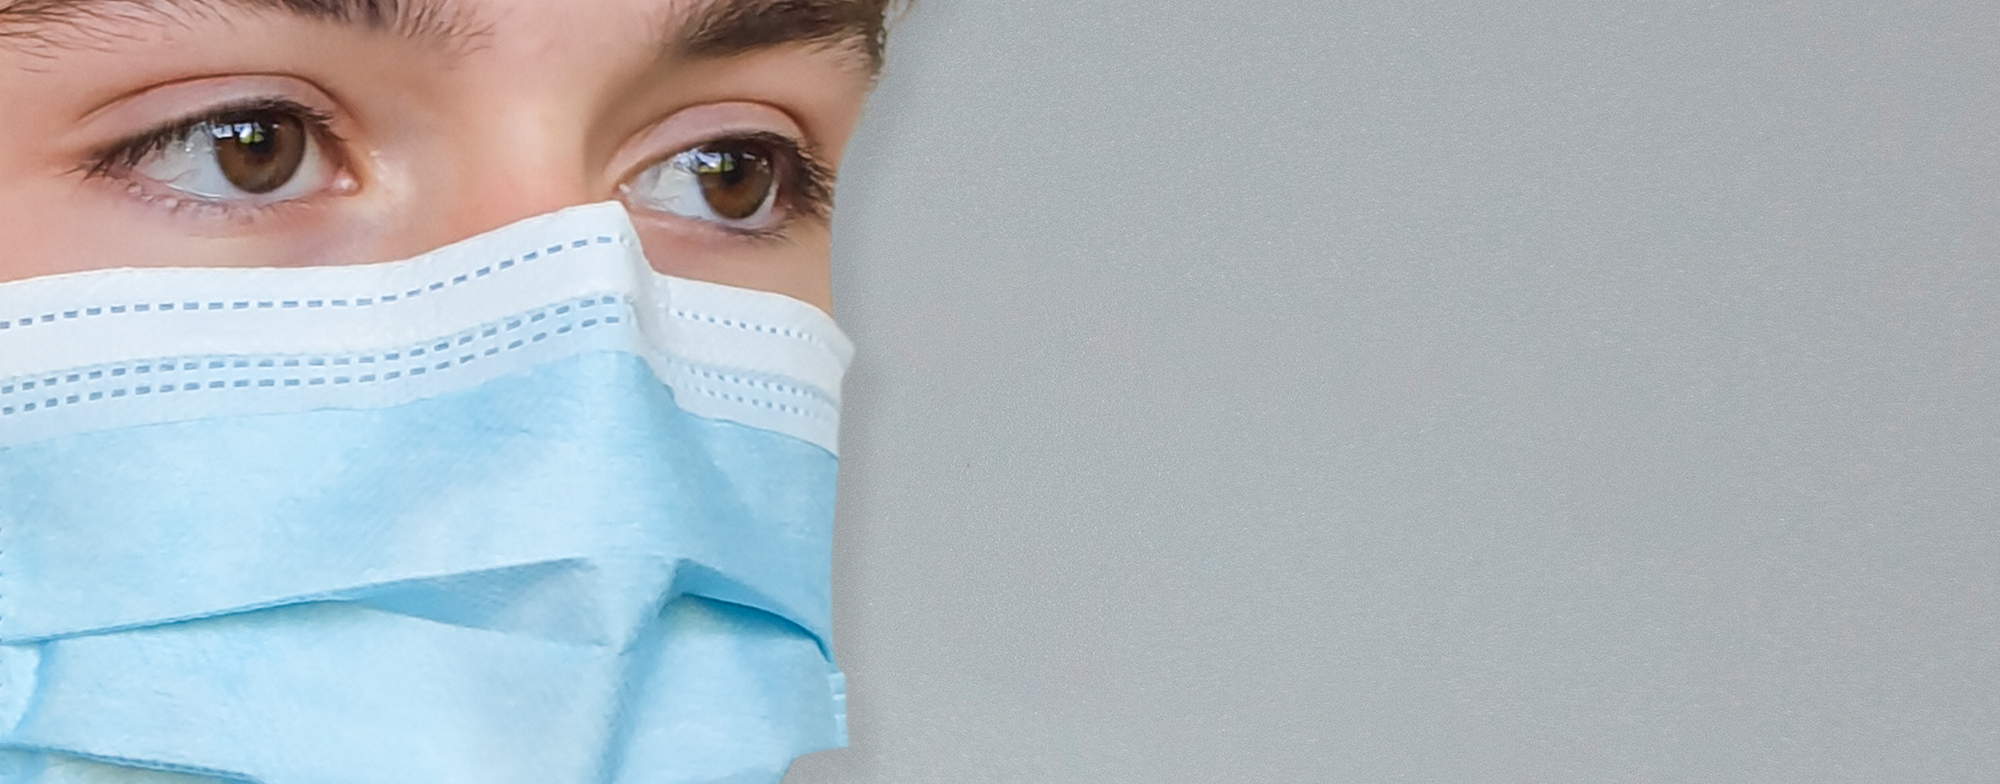 Mund-Nasen-Schutz MNS mit hoher Schutzwirkung - Detailaufnahme